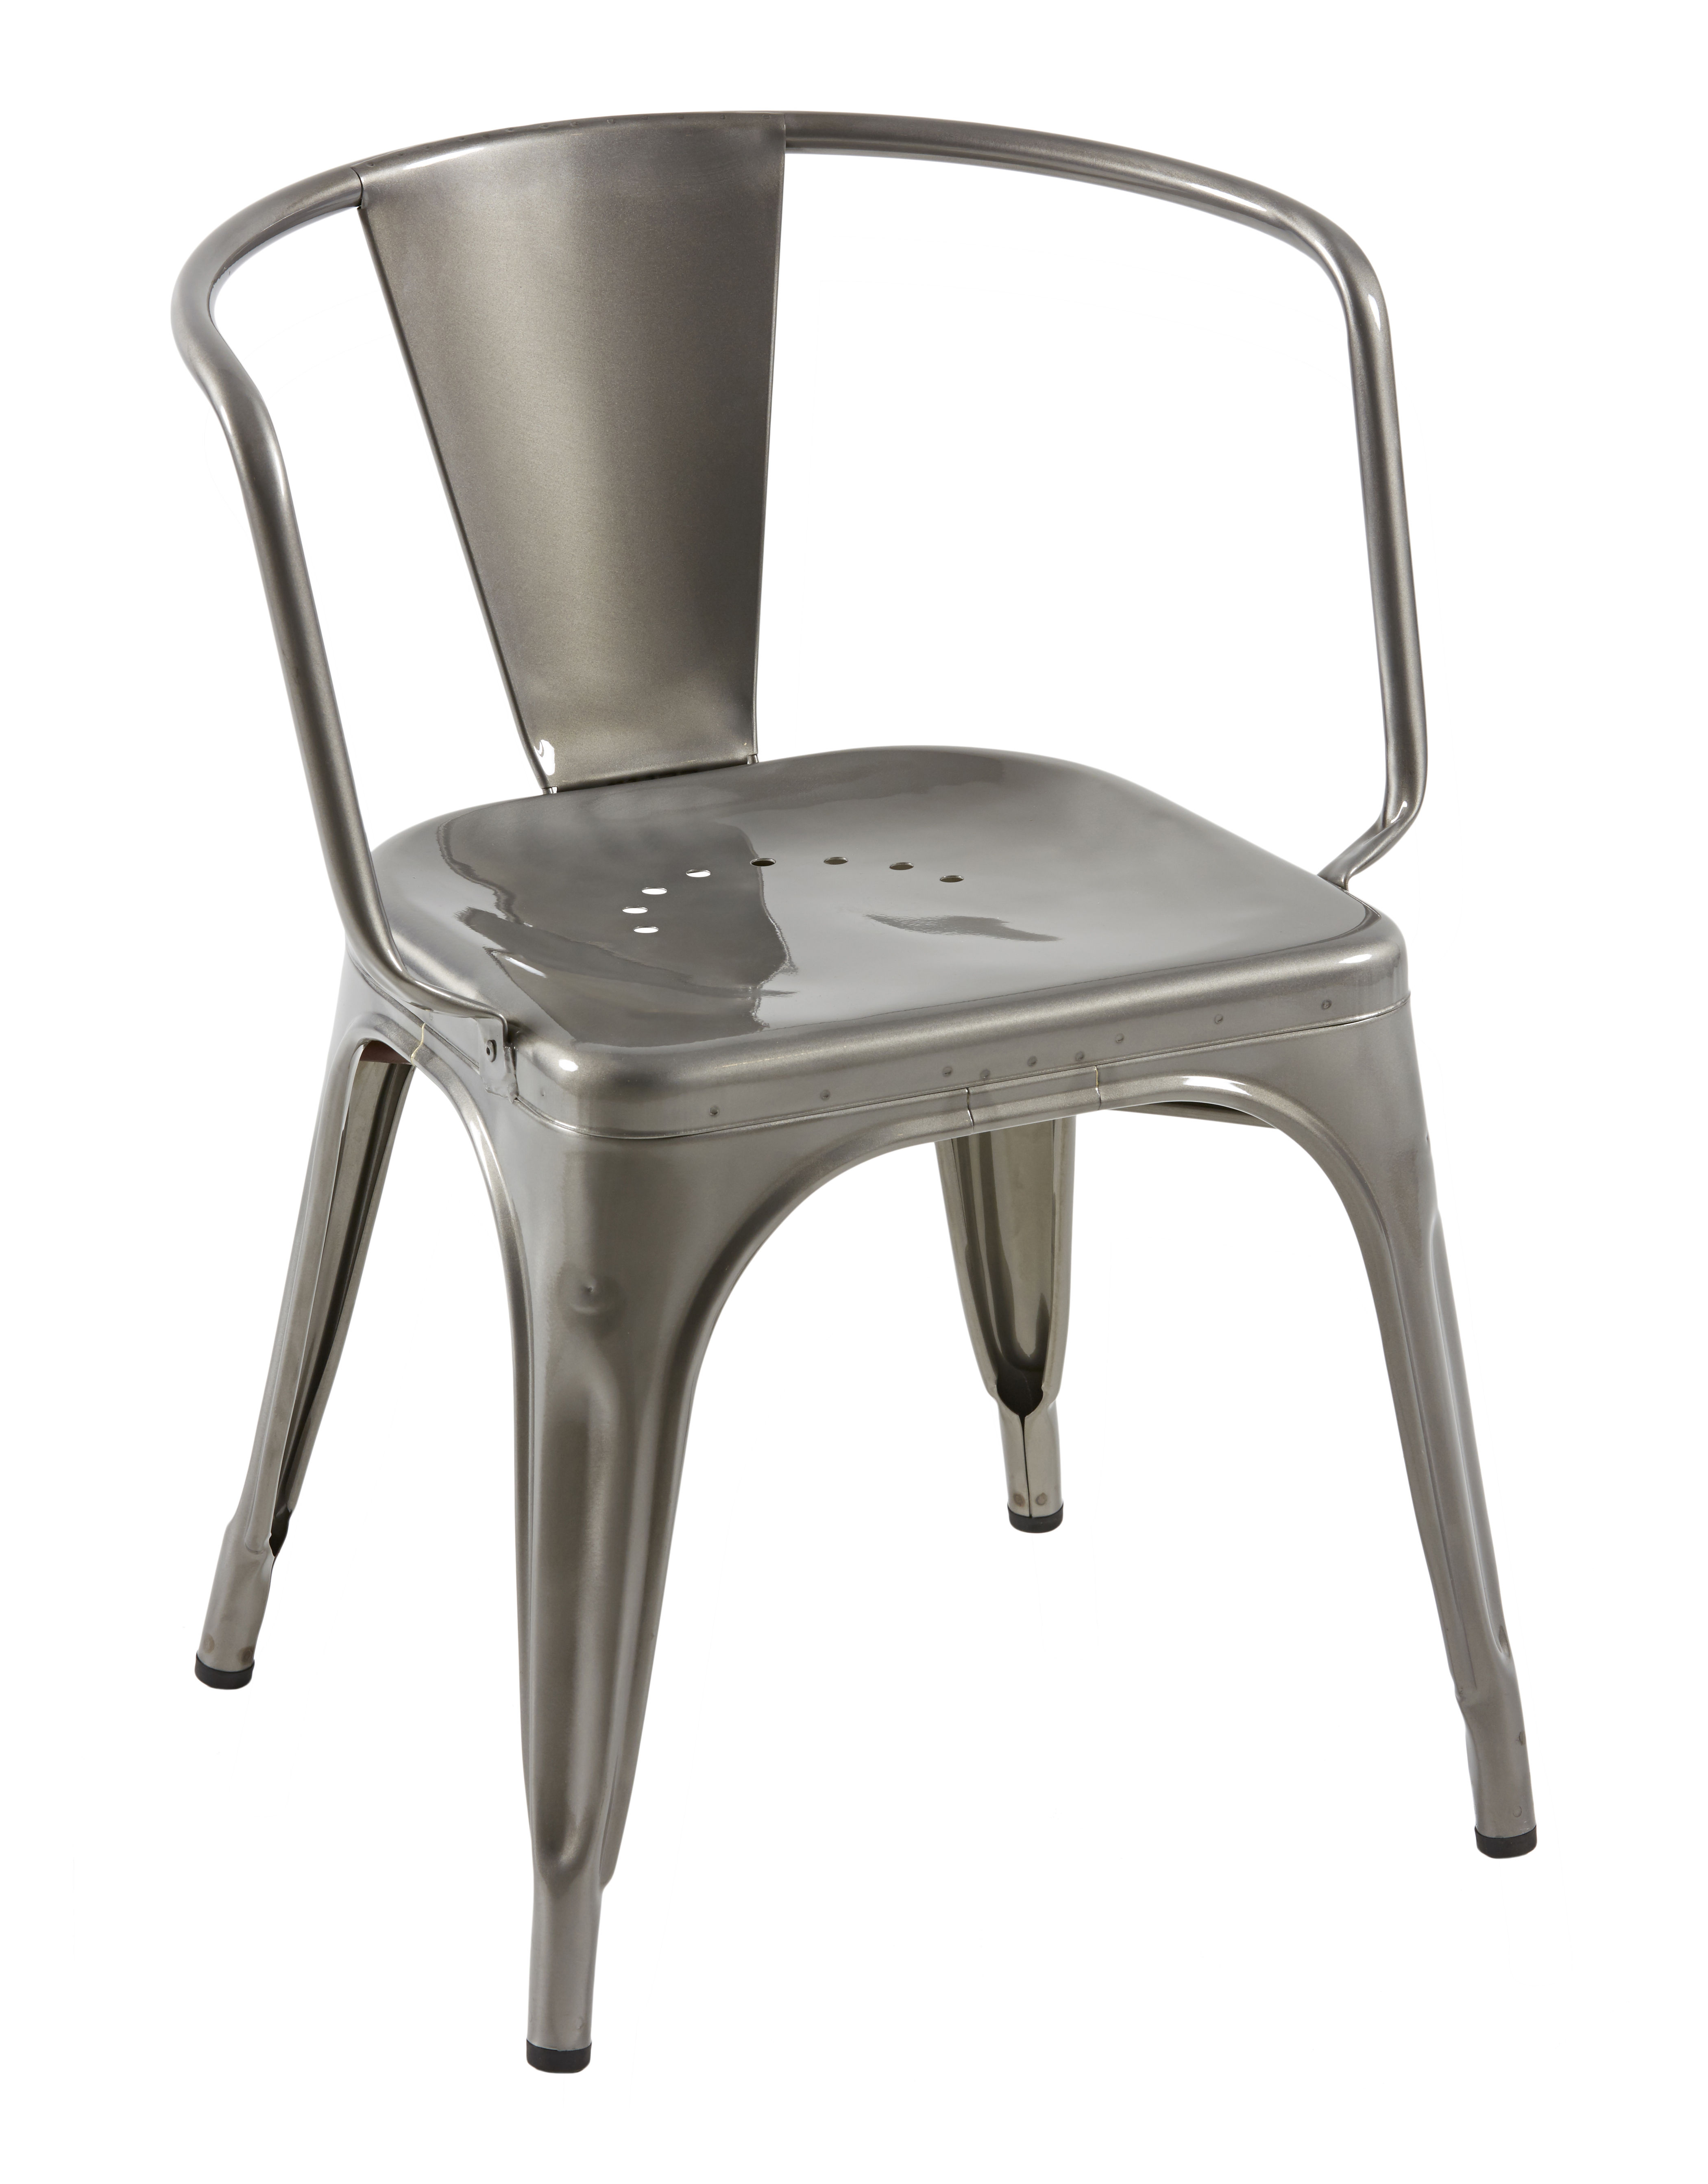 Arredamento - Poltrone design  - Poltrona AC16 / Acciaio - Seduta large - Tolix - Acciaio grezzo brillante - Acciaio grezzo verniciato brillante riciclato